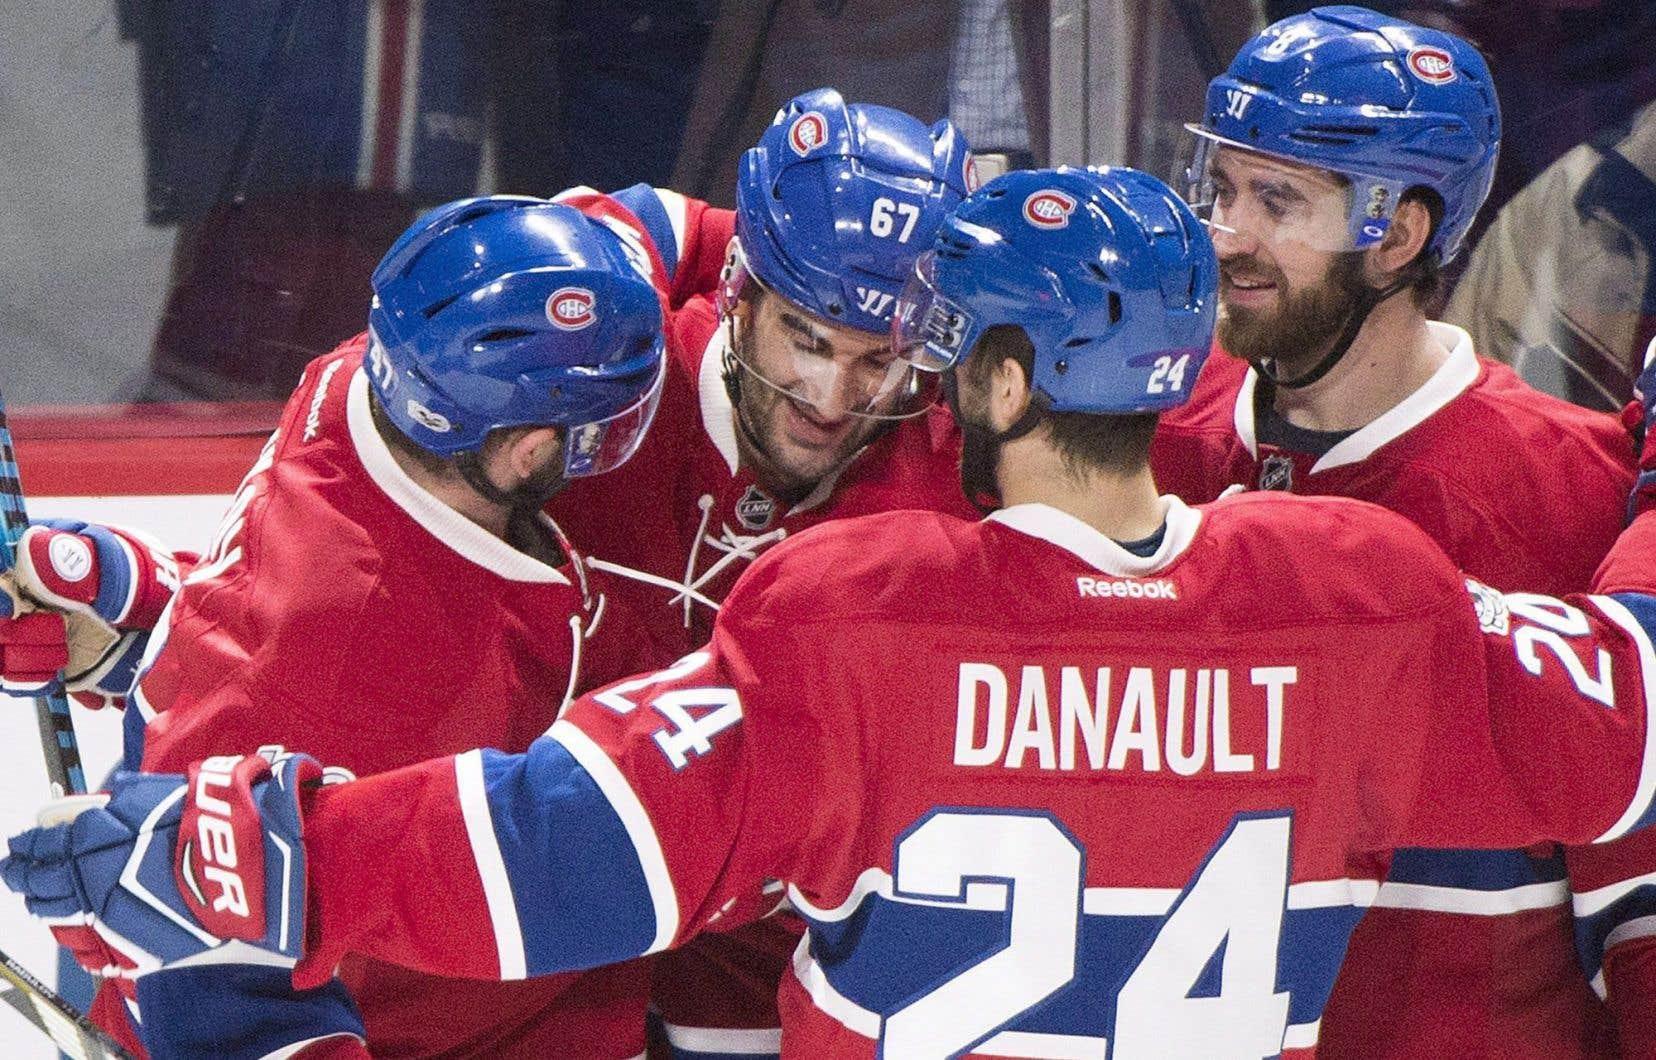 Ce sera la troisième fois que le Canadien participe à la Classique Héritage, après les matchs tenus à Edmonton en novembre2003 et à Calgary en février2011.